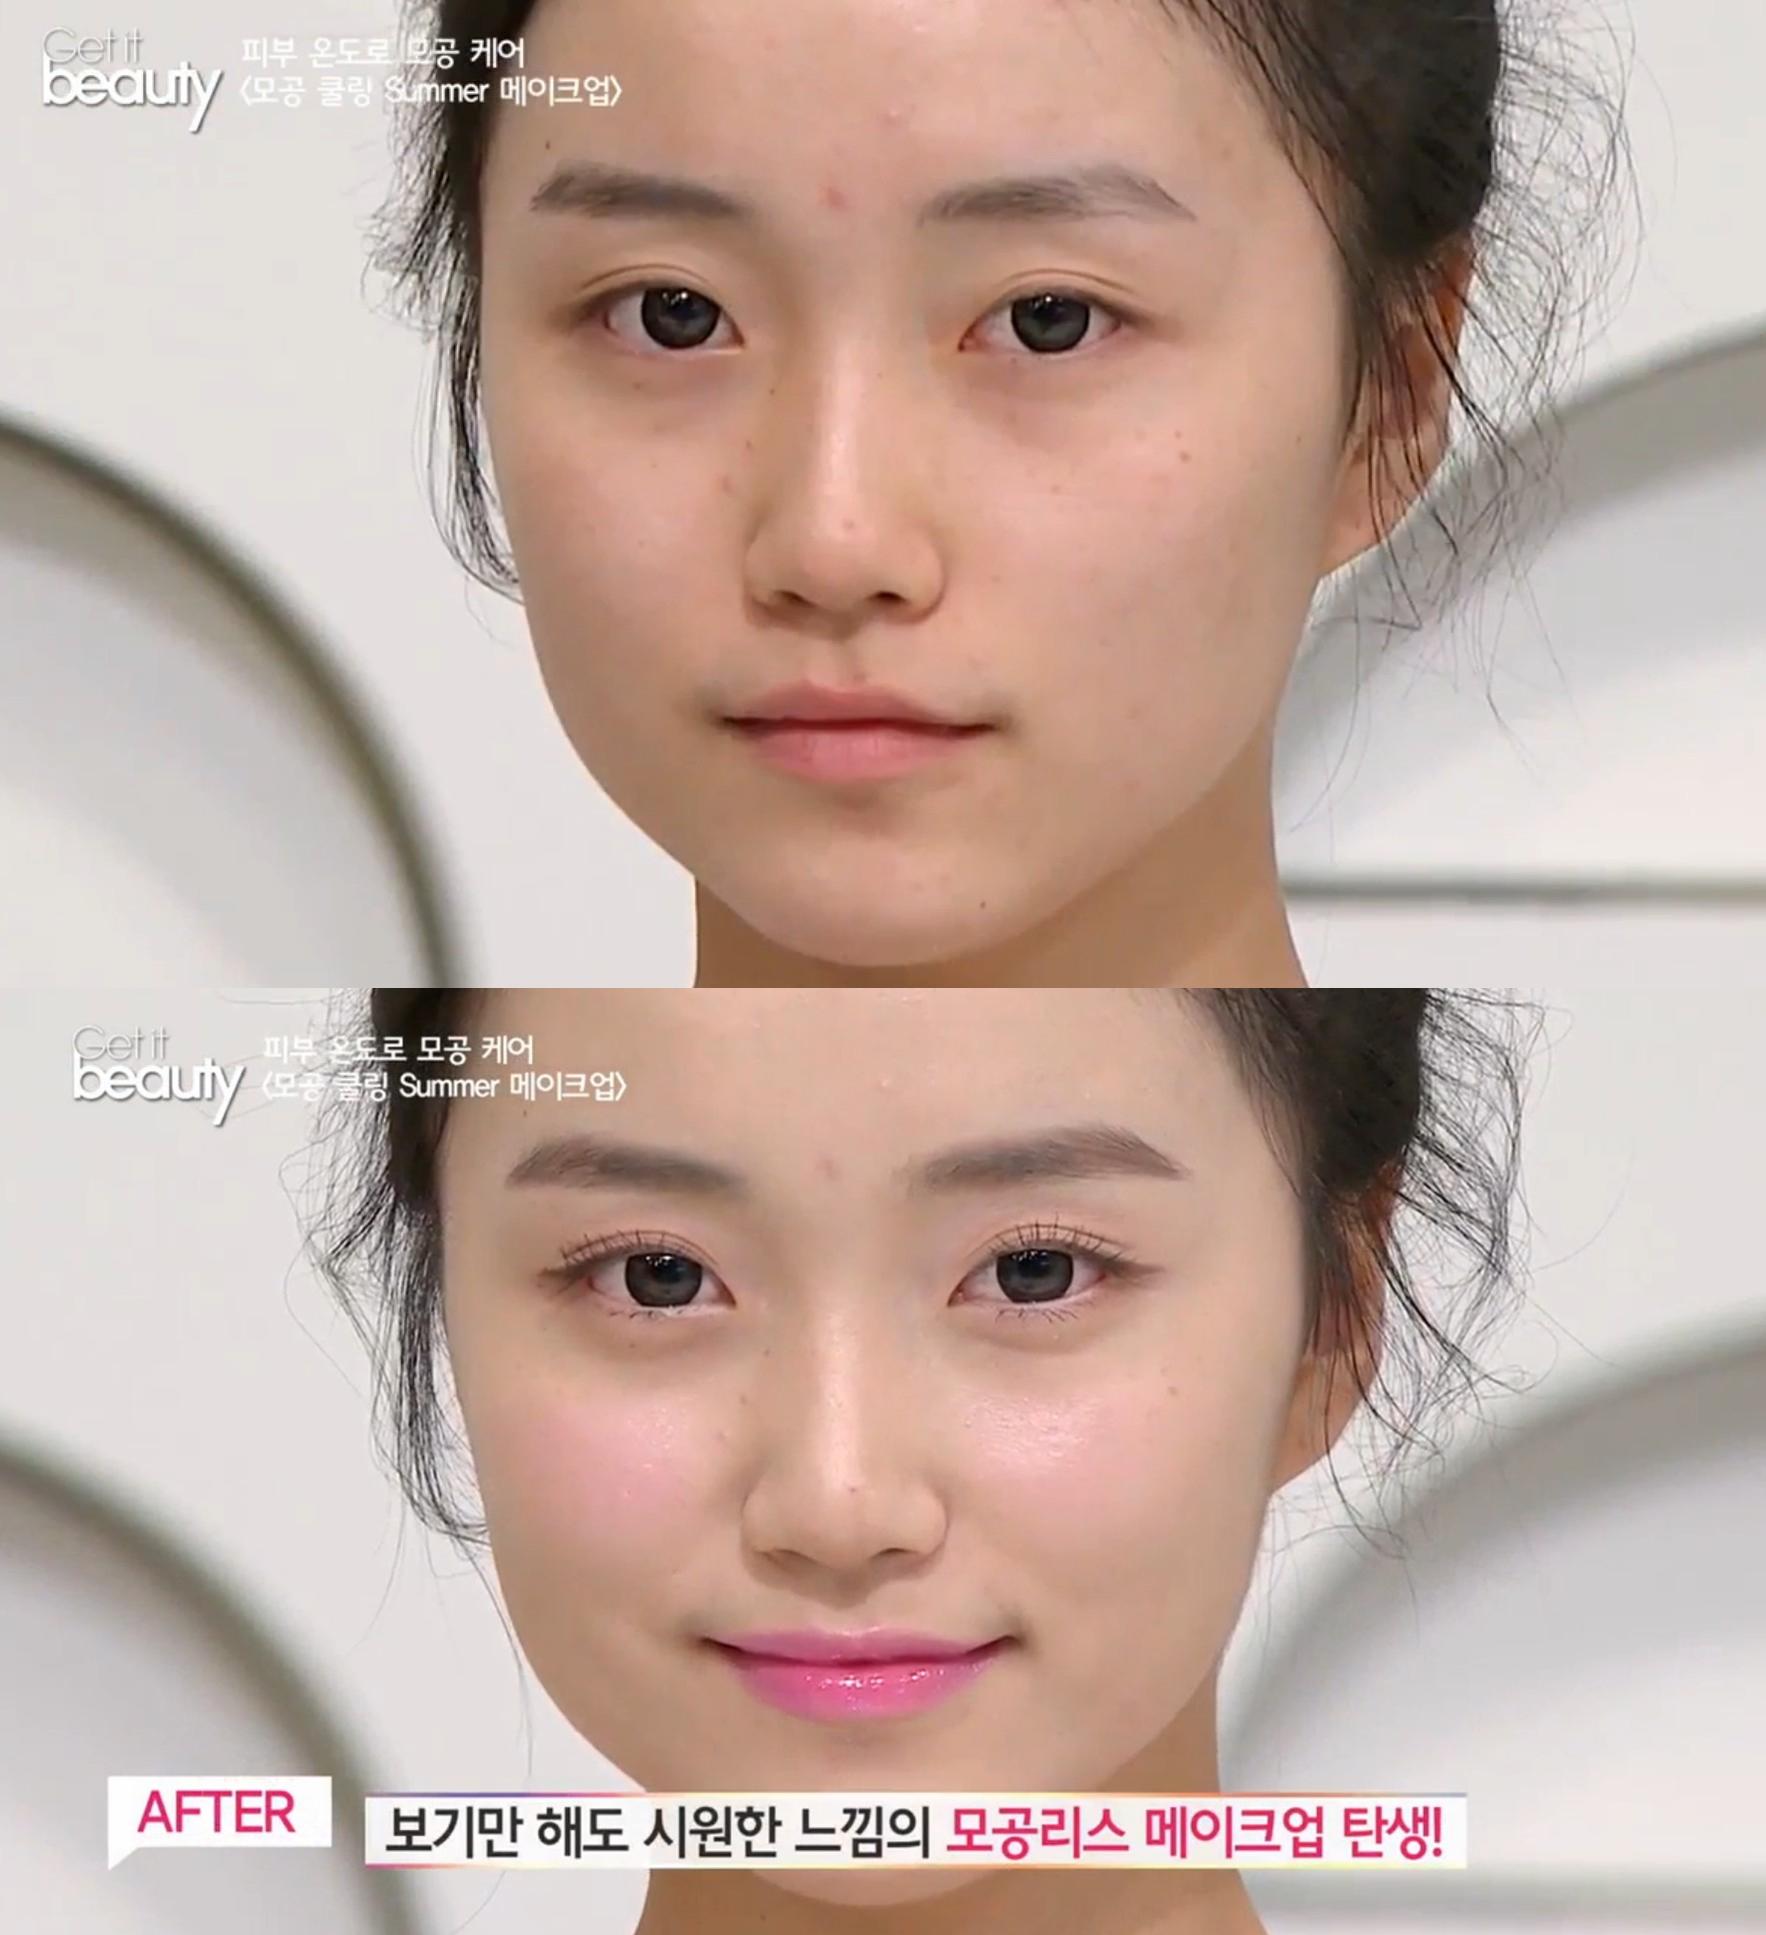 除了保養法,《Get it beauty》也邀請到少女時代、Red Velvet御用的彩妝師教大家如何畫出隱形毛孔的呼吸妝。